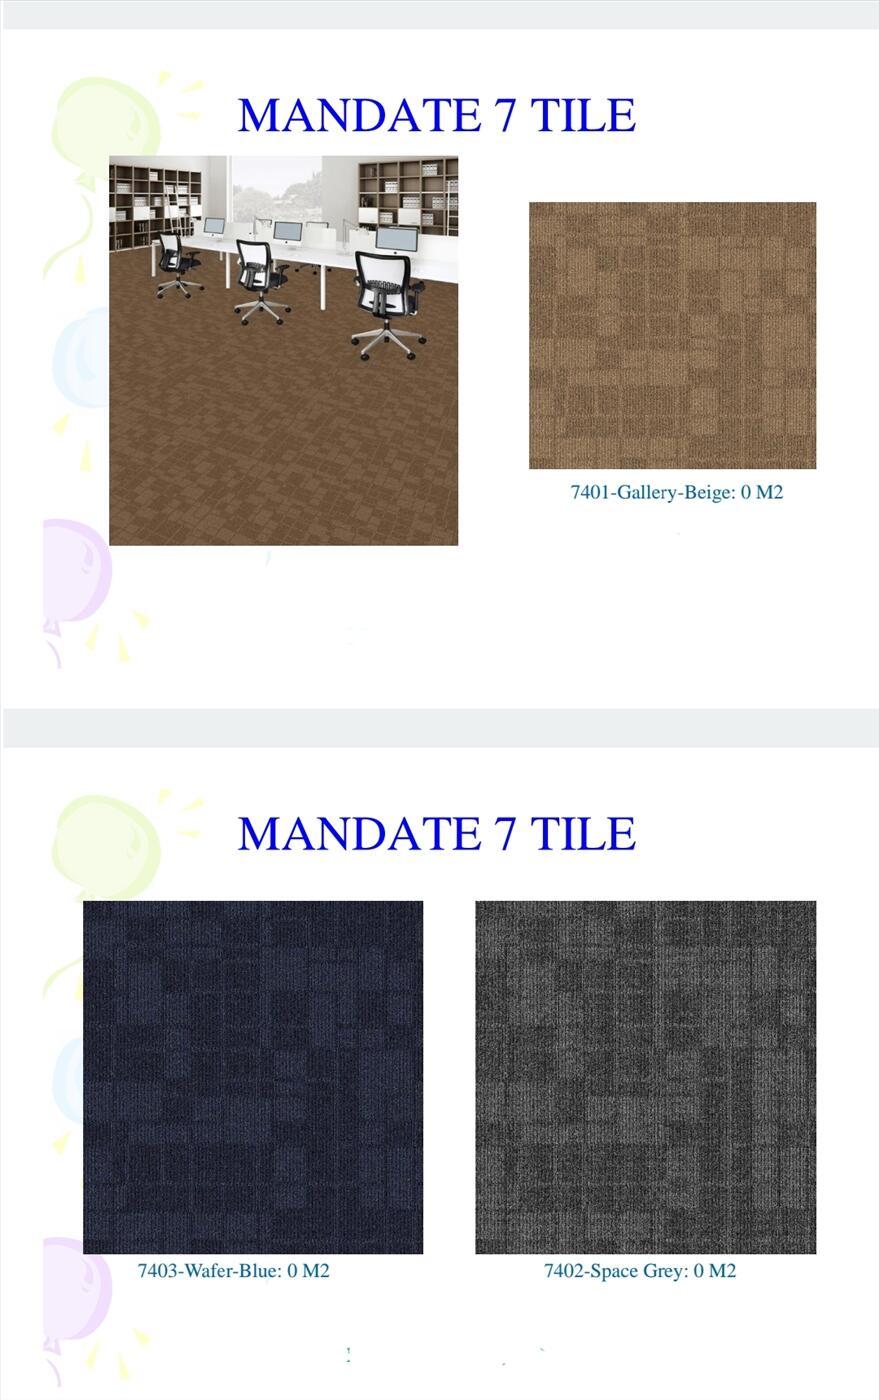 Thảm gạch Mandate 7, Mandate 8